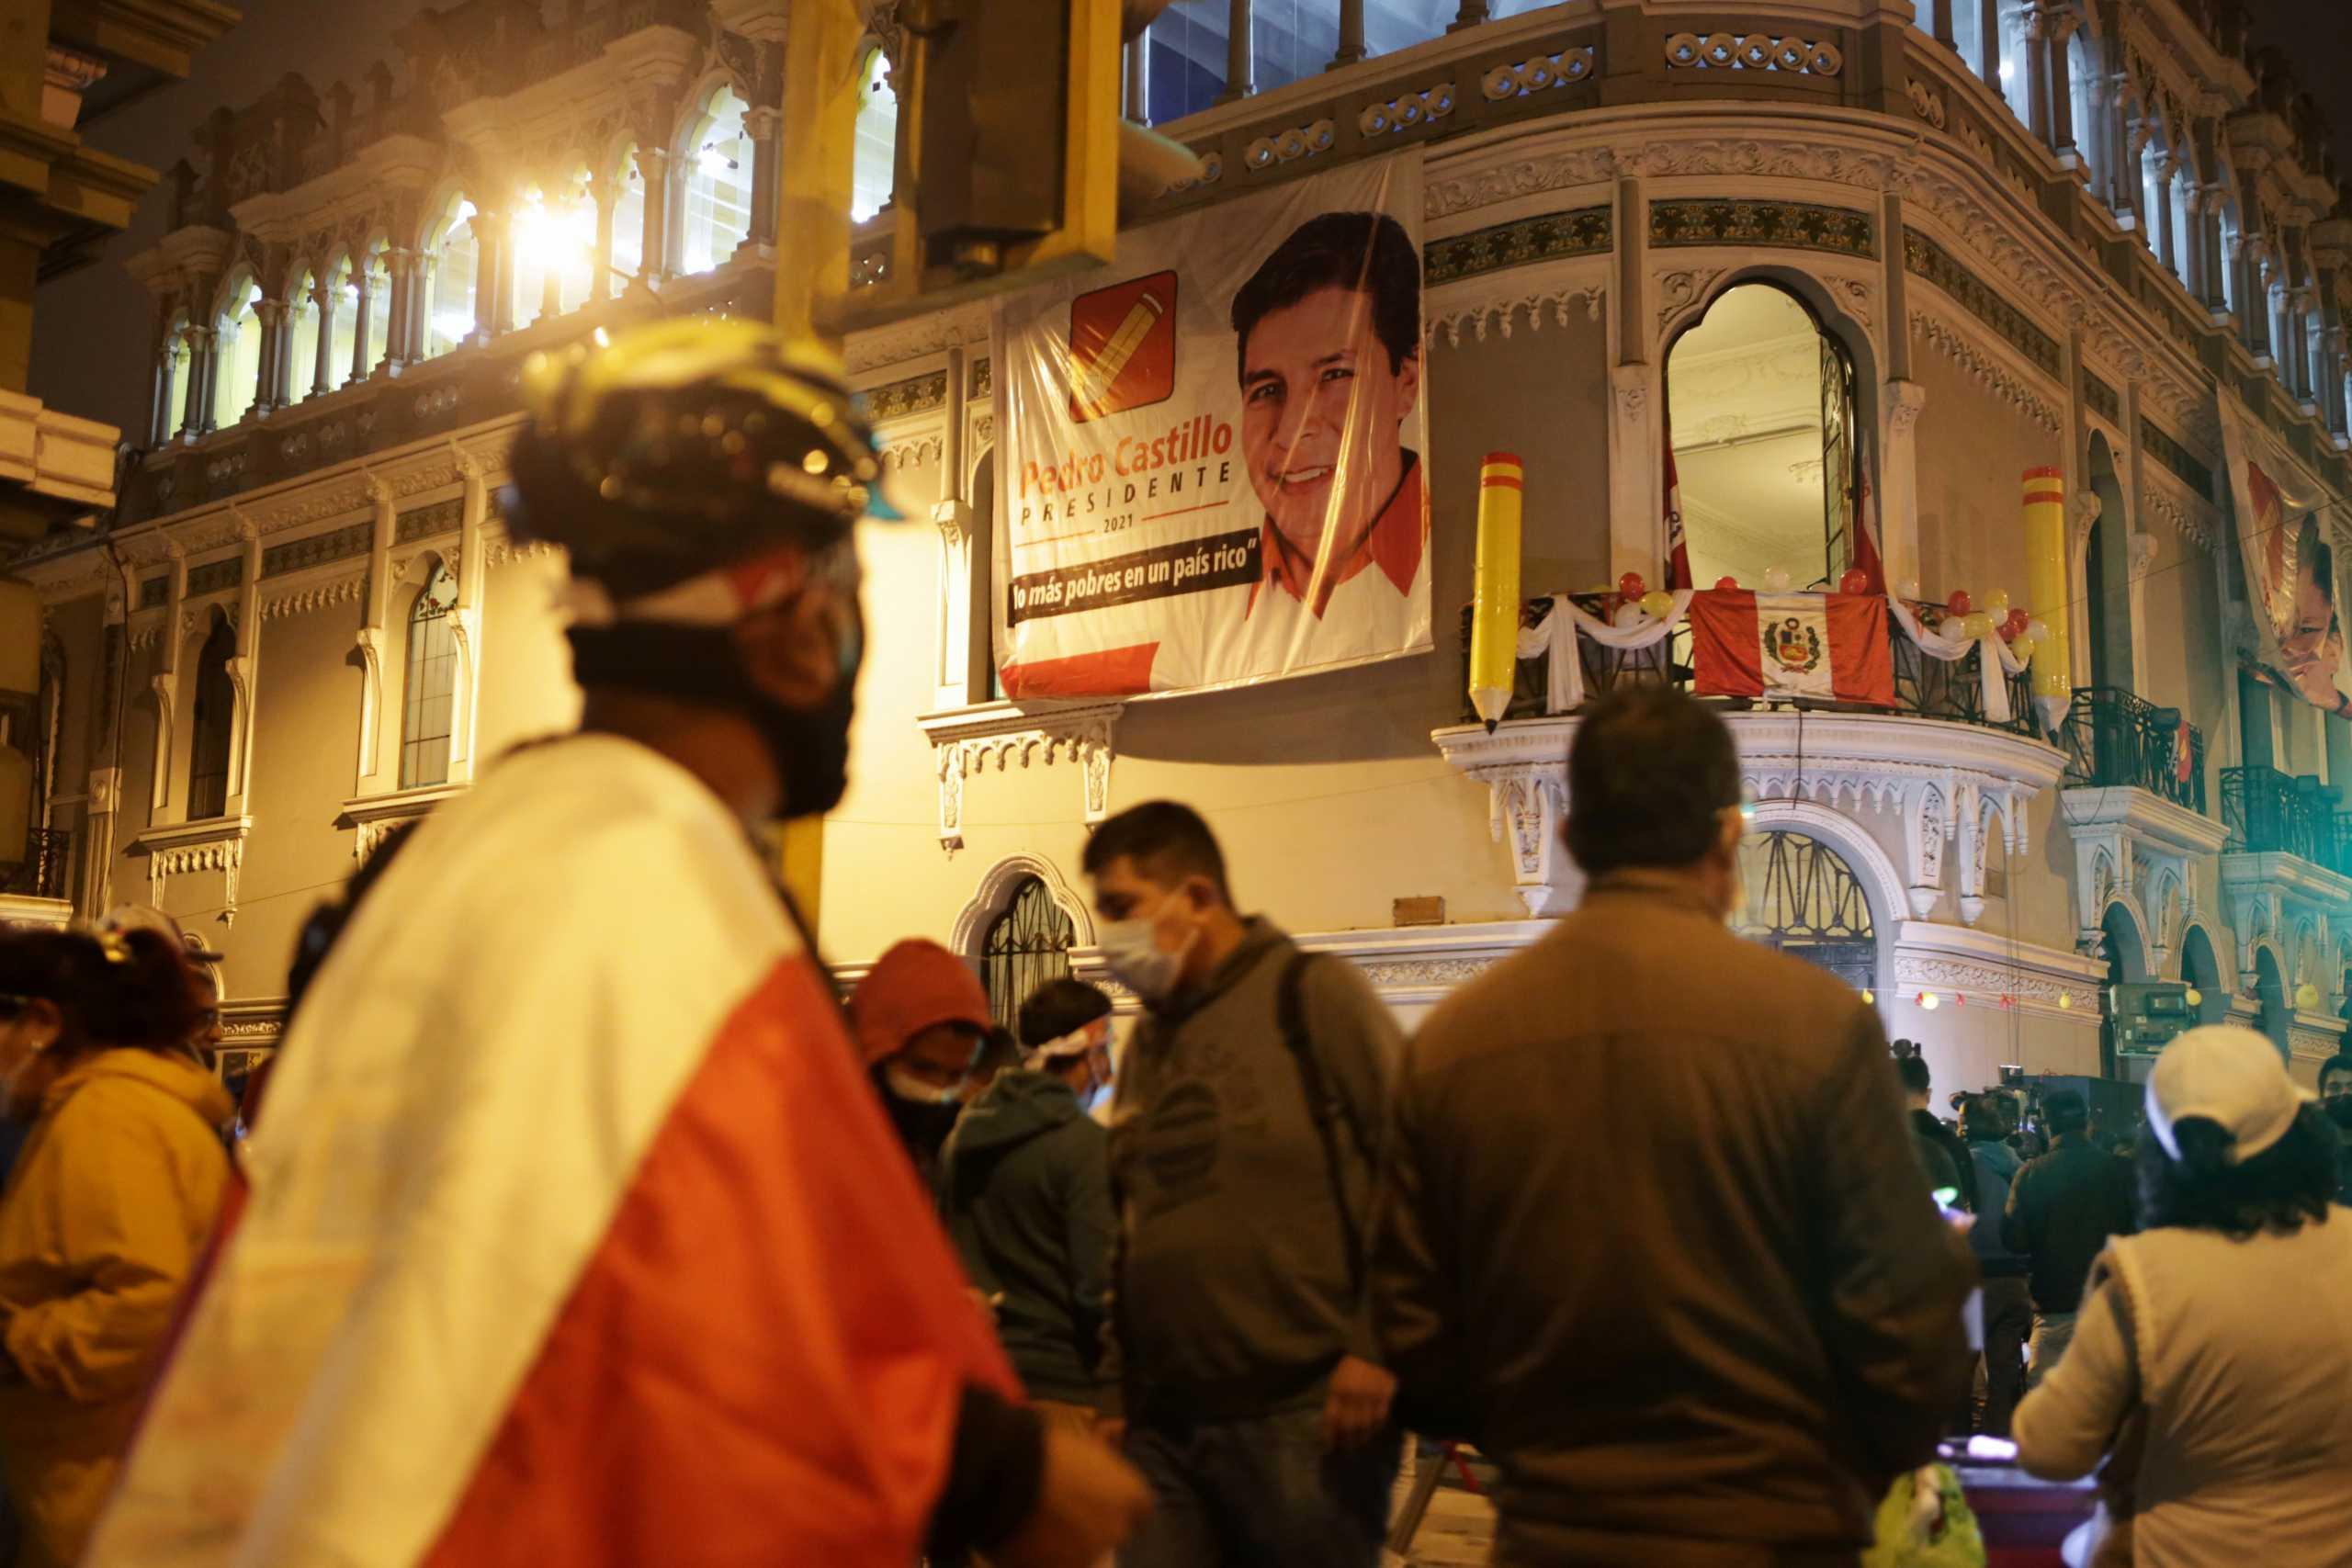 Εκλογικό θρίλερ χωρίς τέλος στο Περού